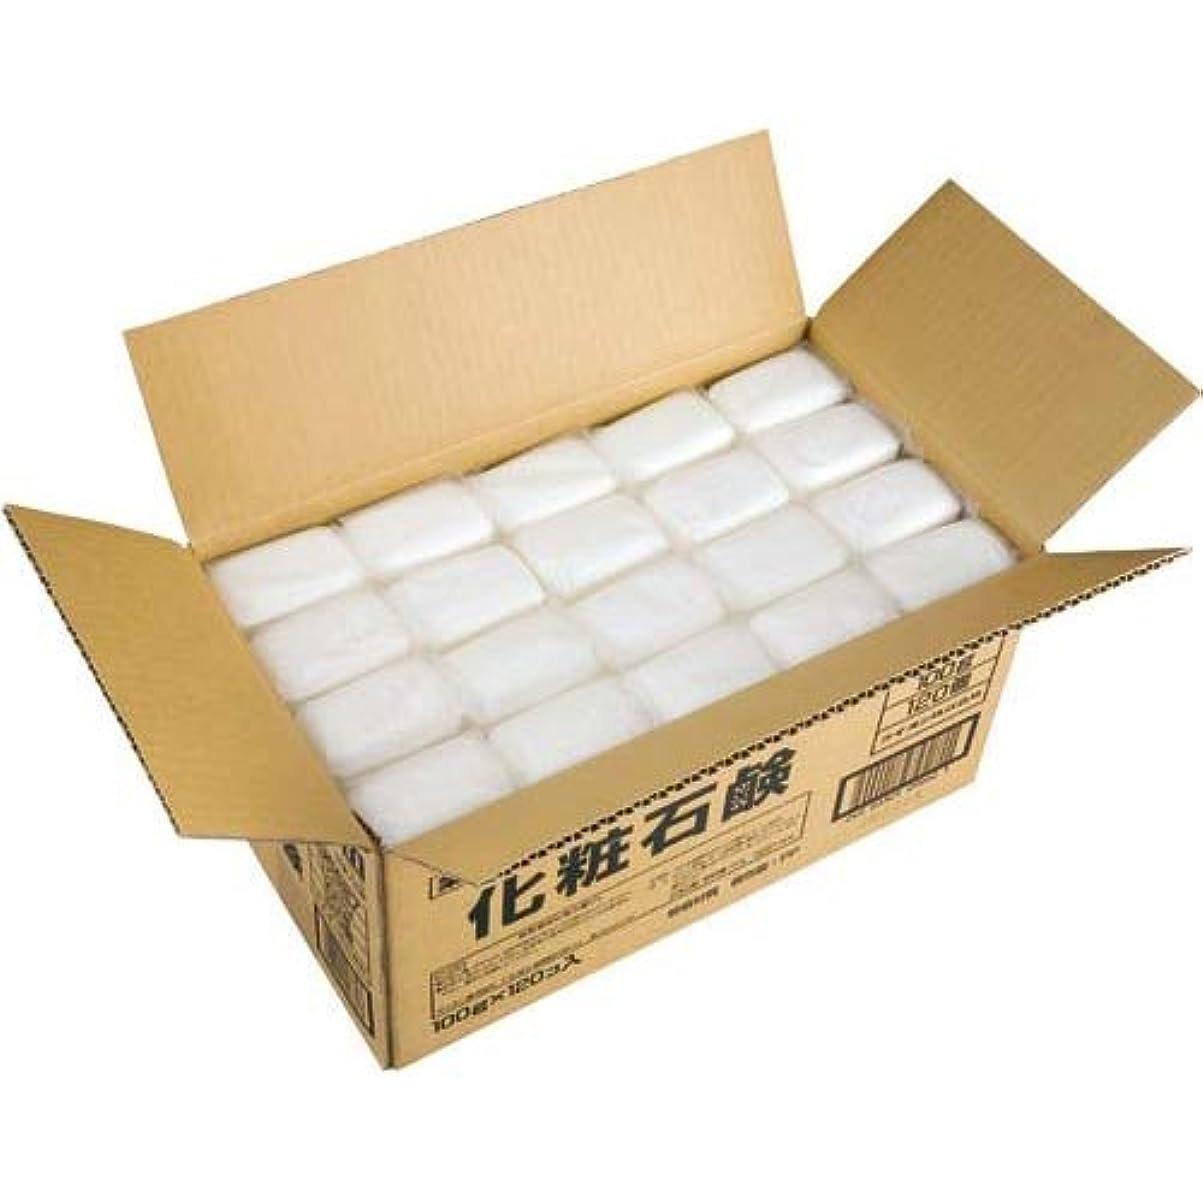 目を覚ますピース認知ライオン 植物物語 化粧石鹸 (100g×120入)